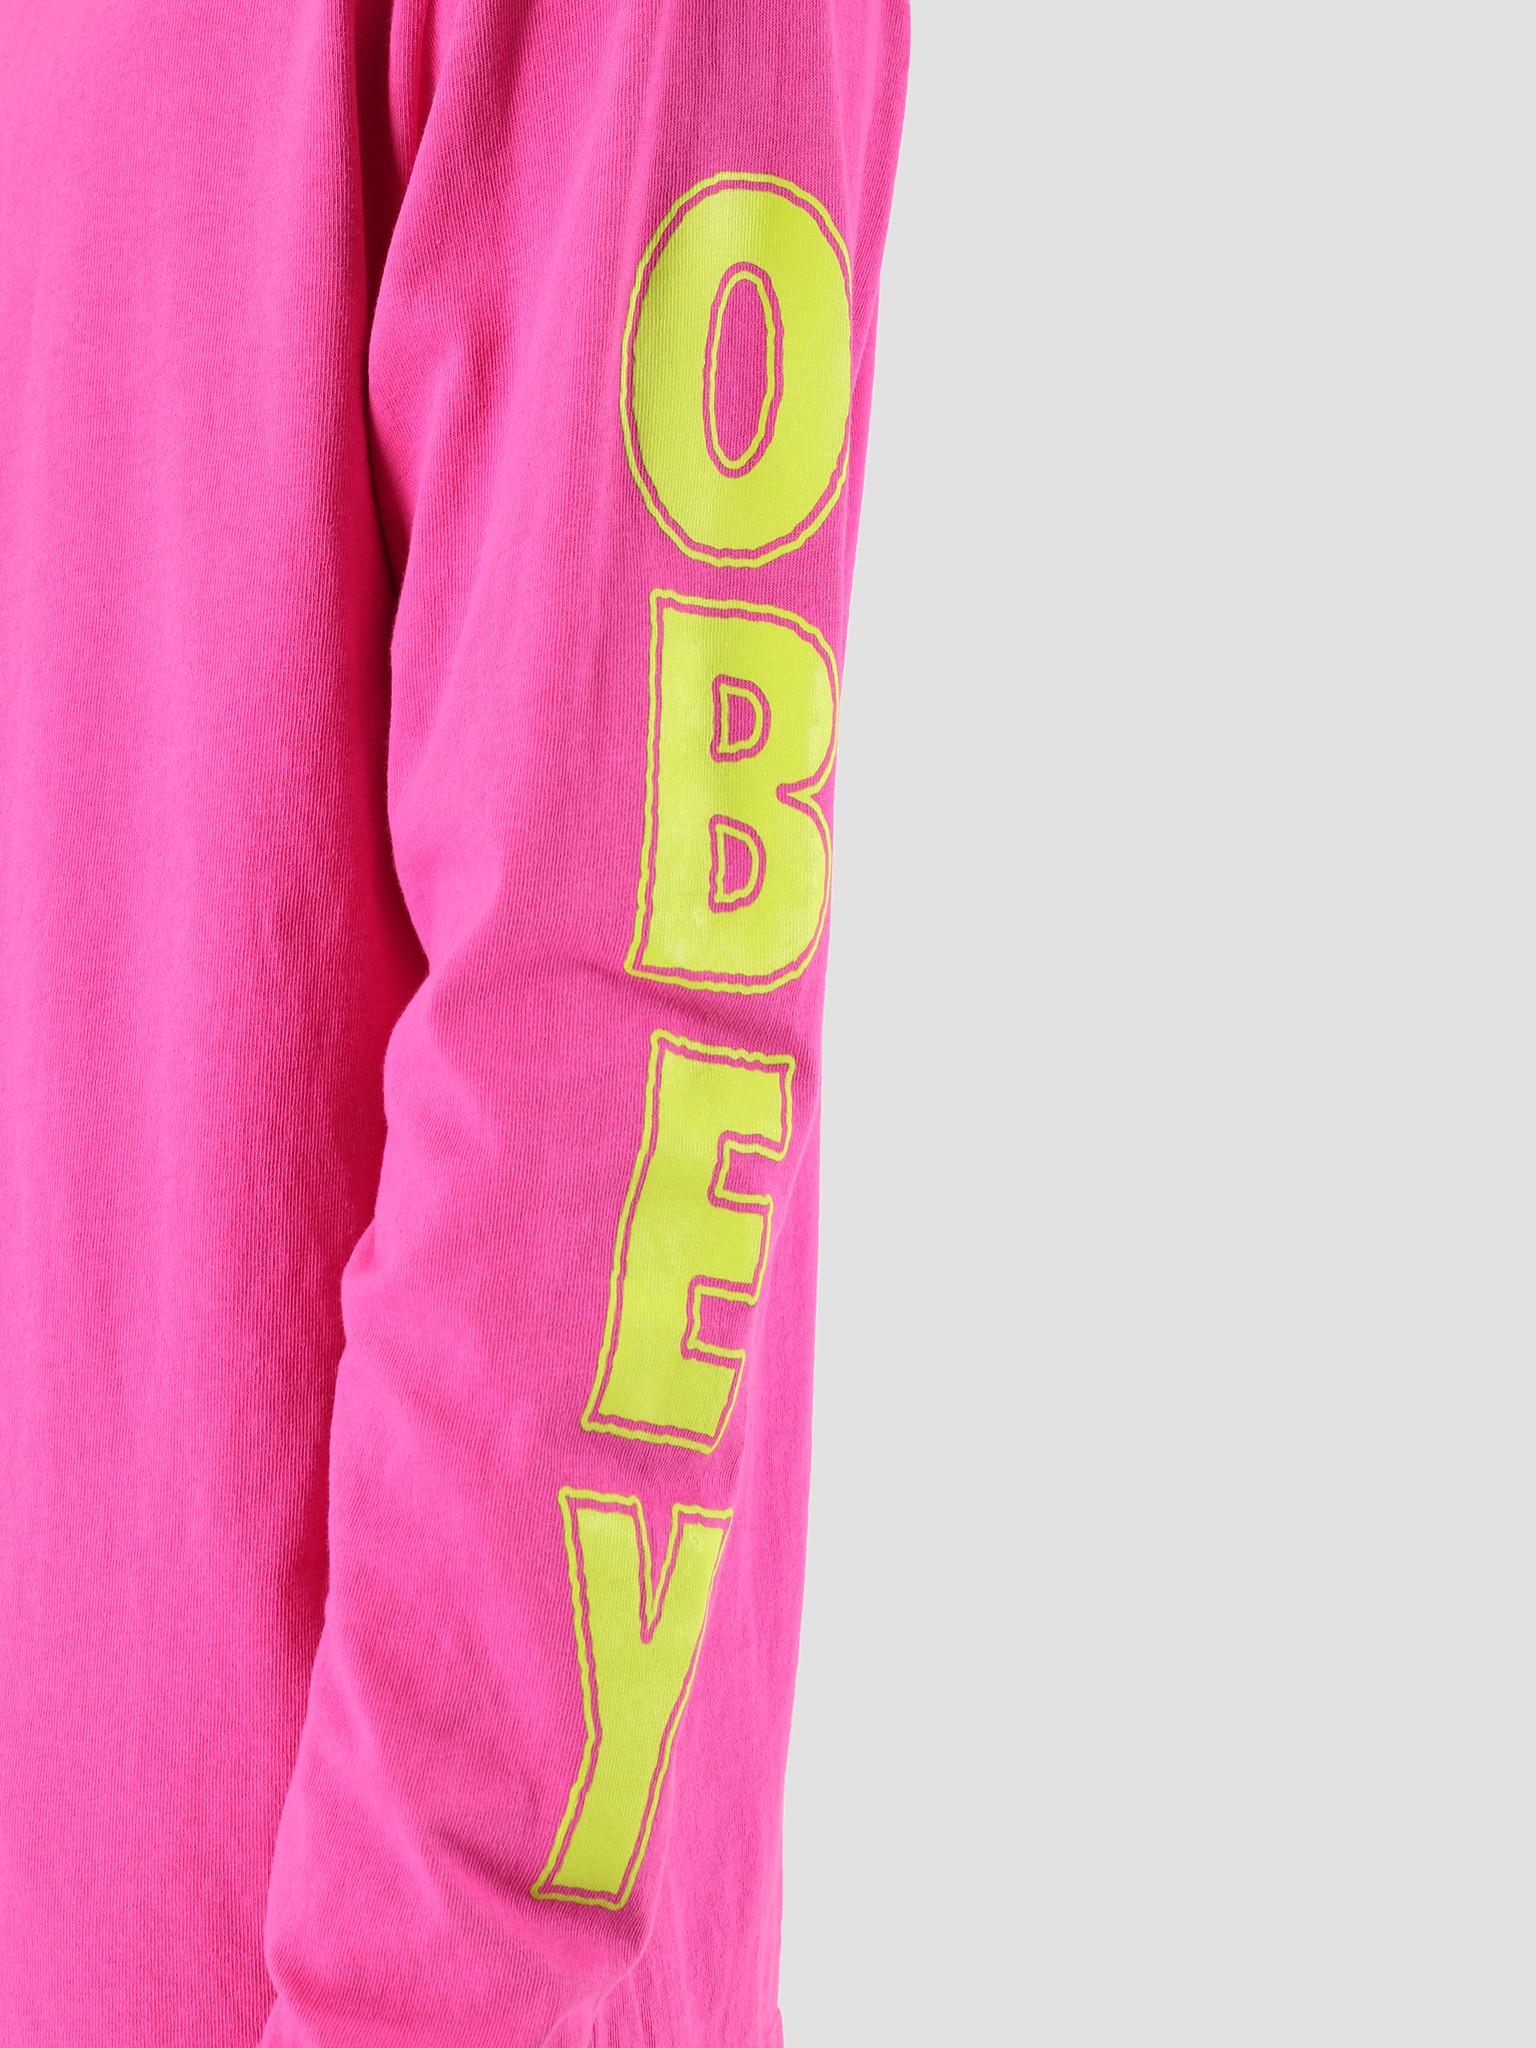 Obey Obey Obey Updown Longsleeve PIN 166731915